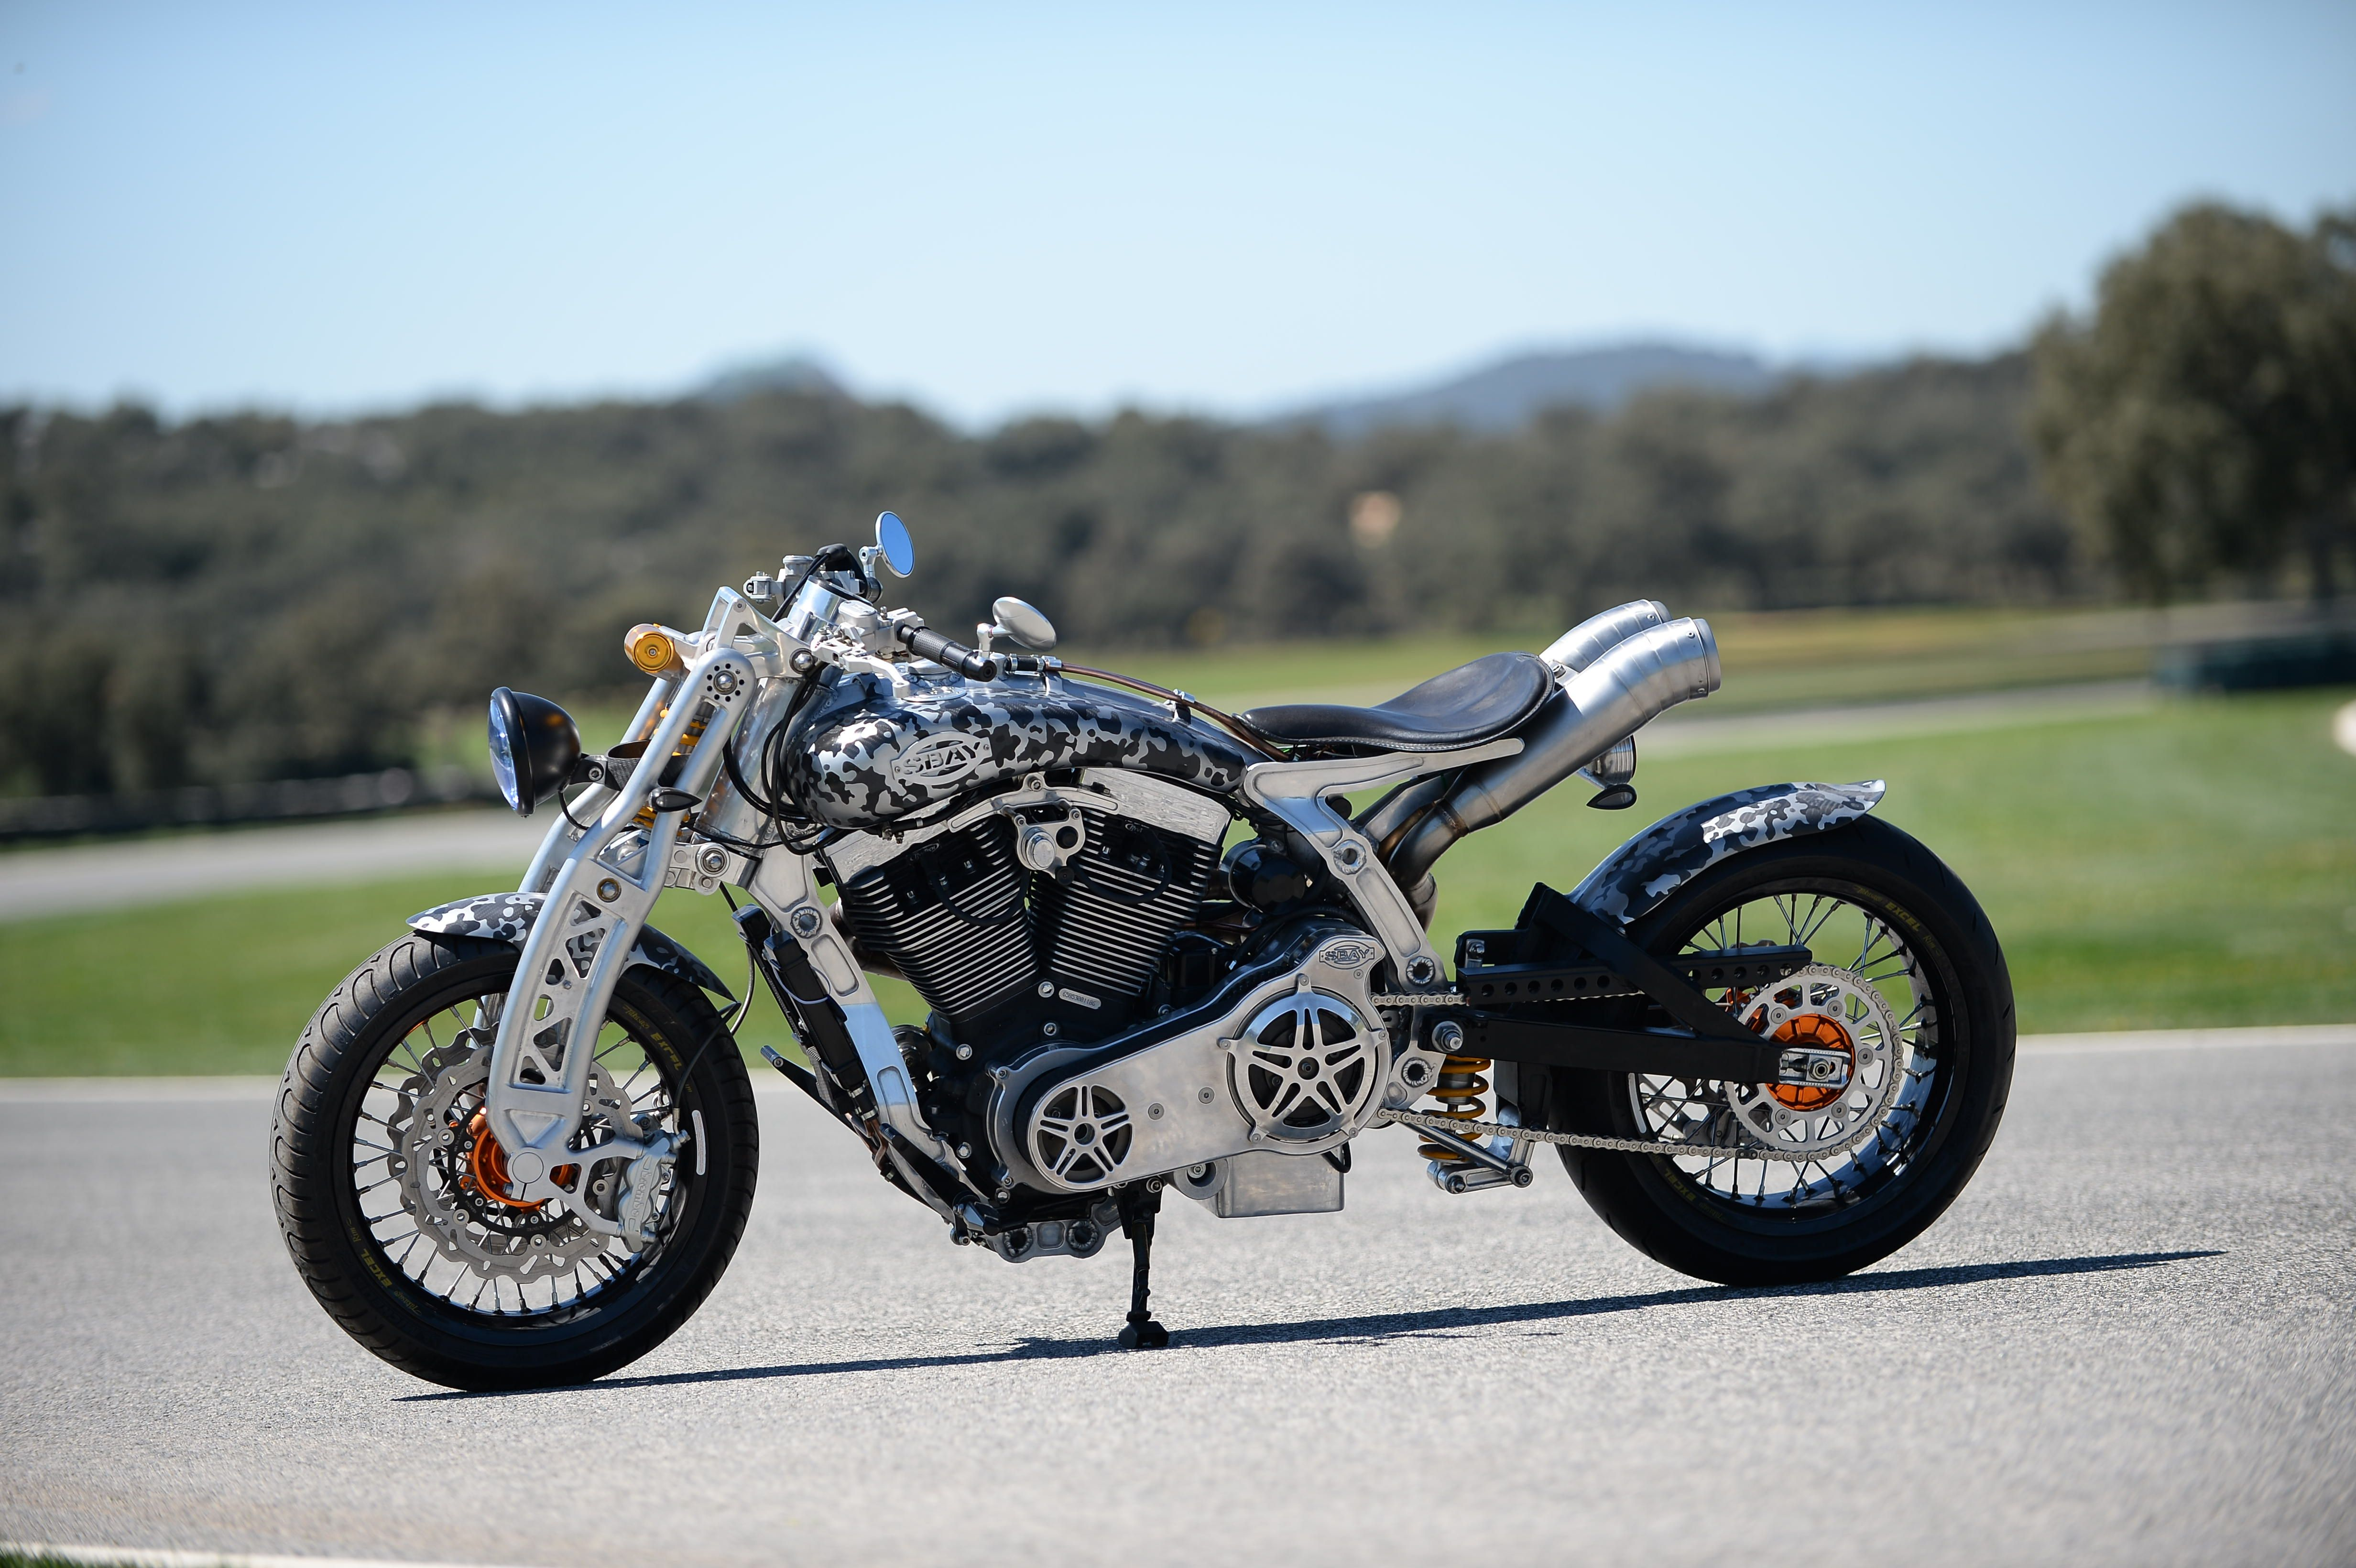 exotic bikes motor bespoke company wheelers sbay bike